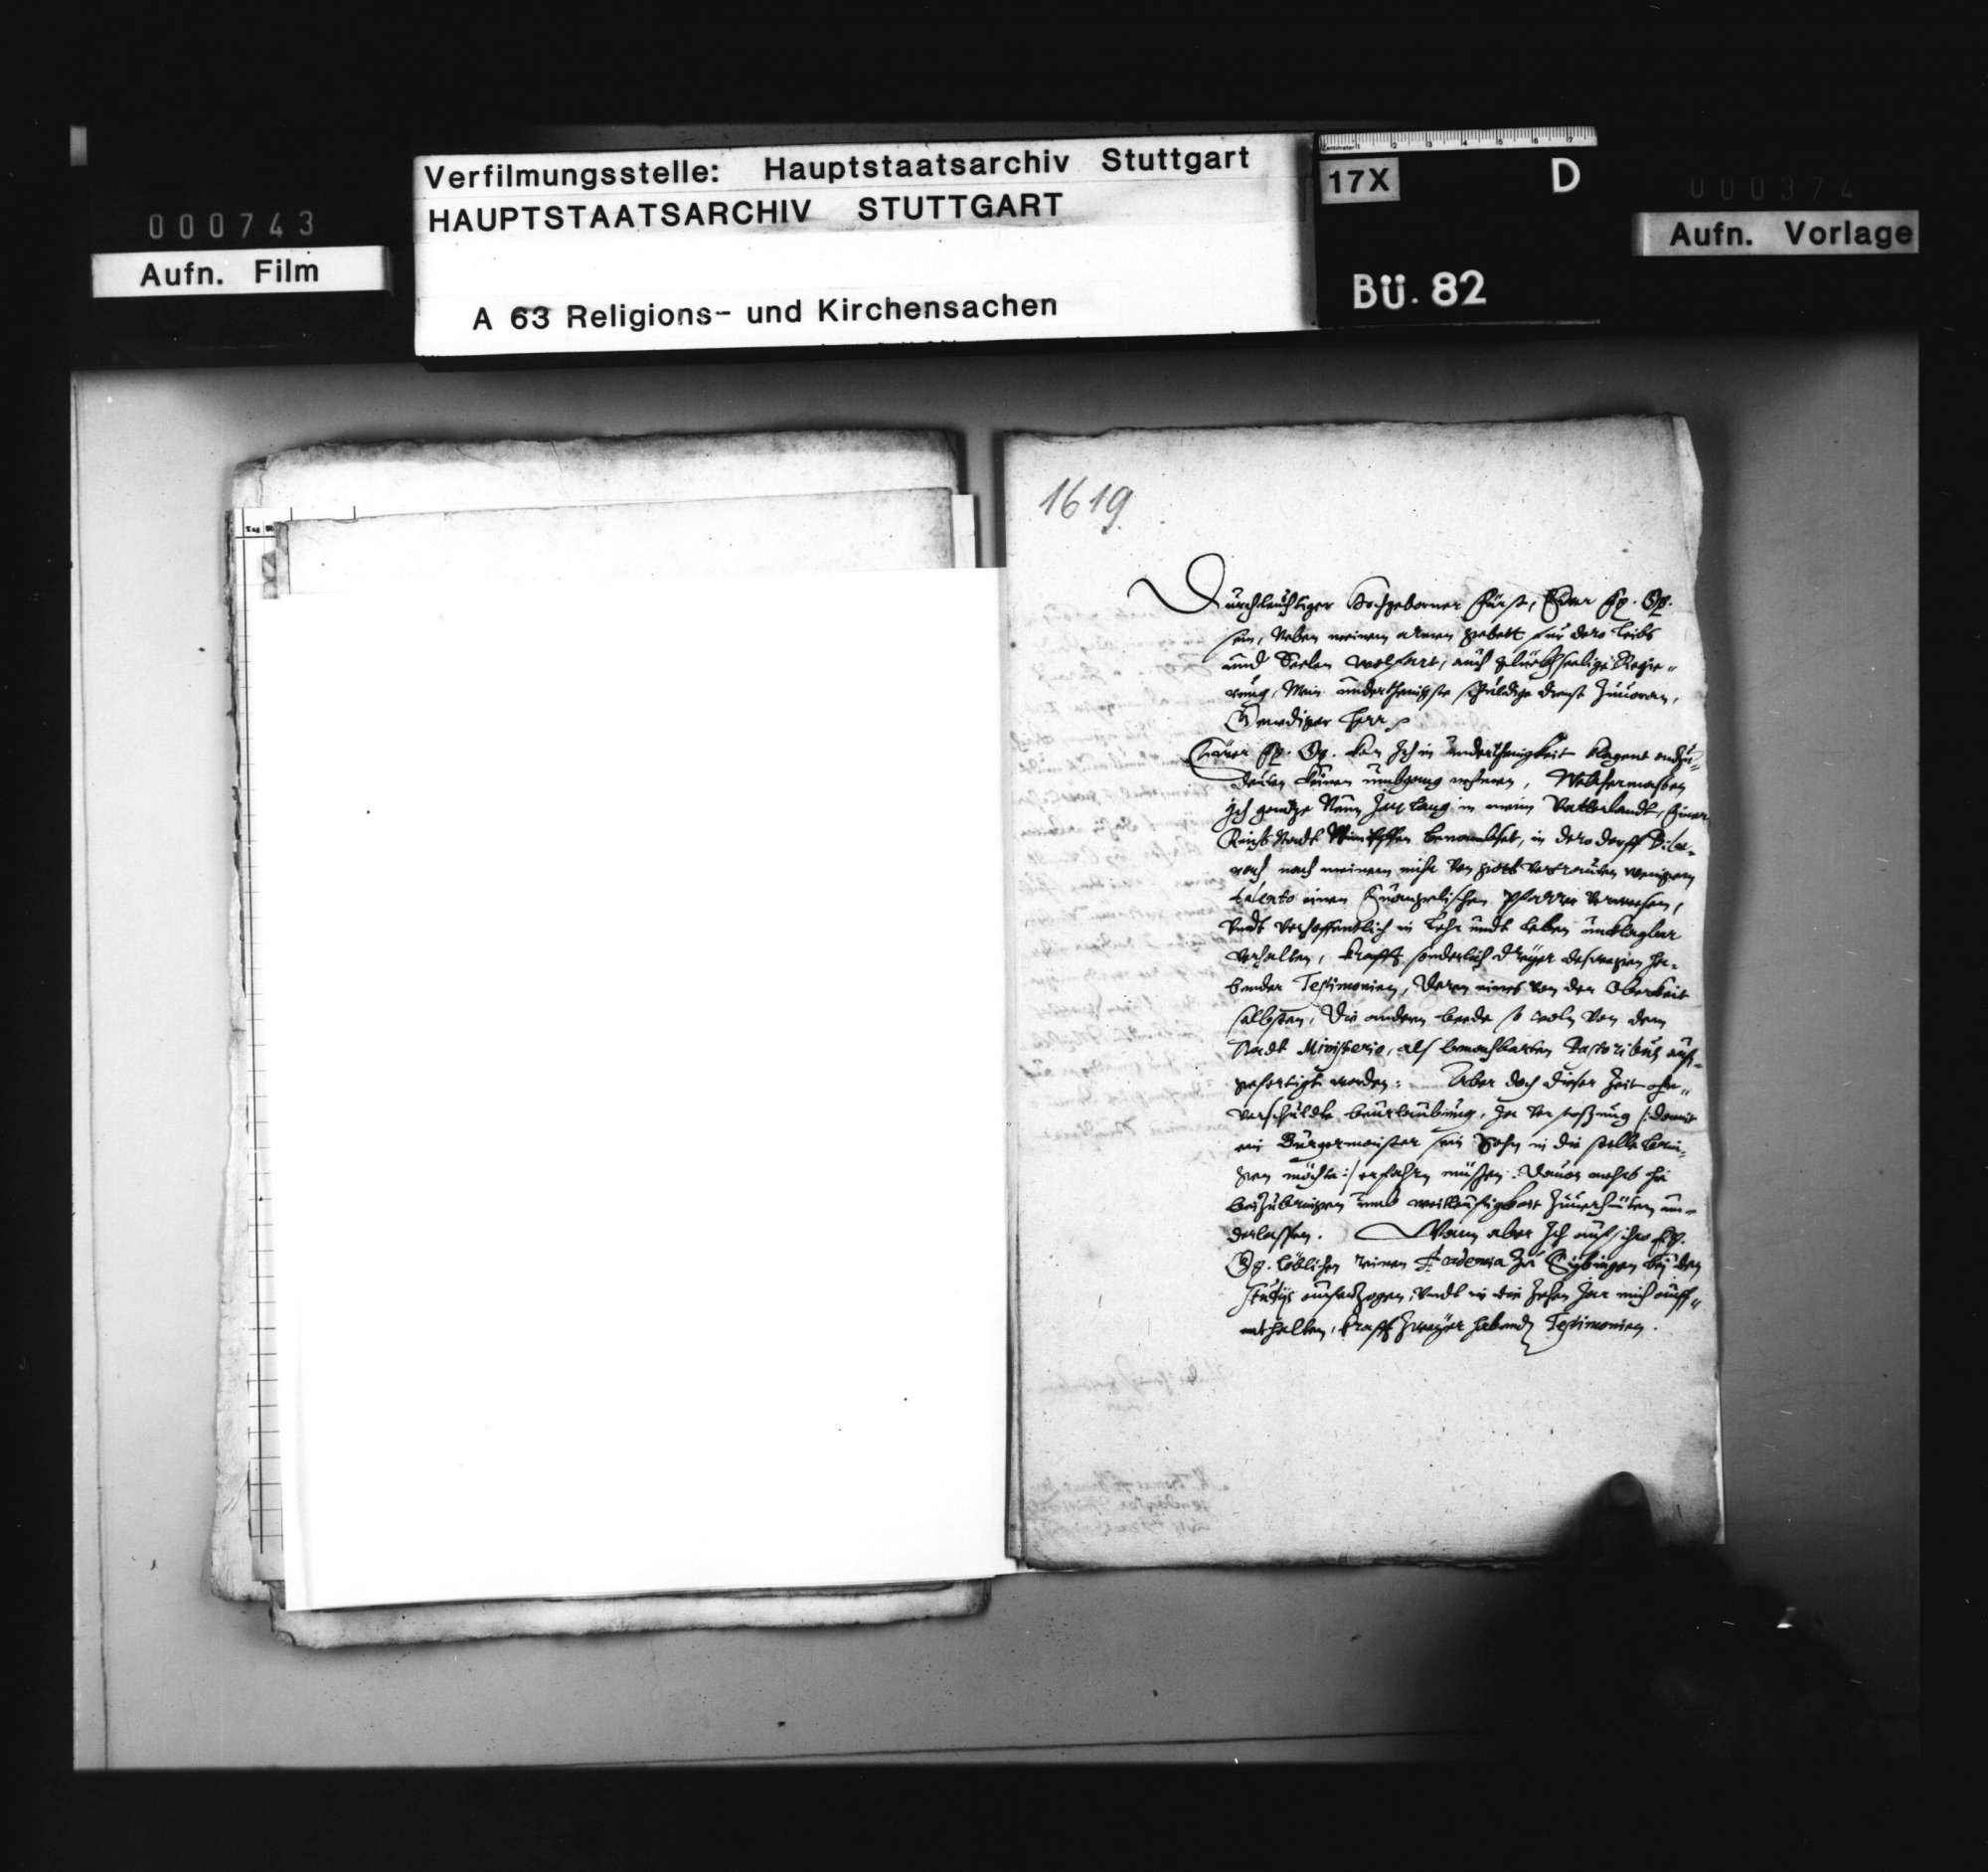 Bitte des M. Langendörfer von Wimpfen um Verwendung im württembergischen Kirchendienst, Bild 1